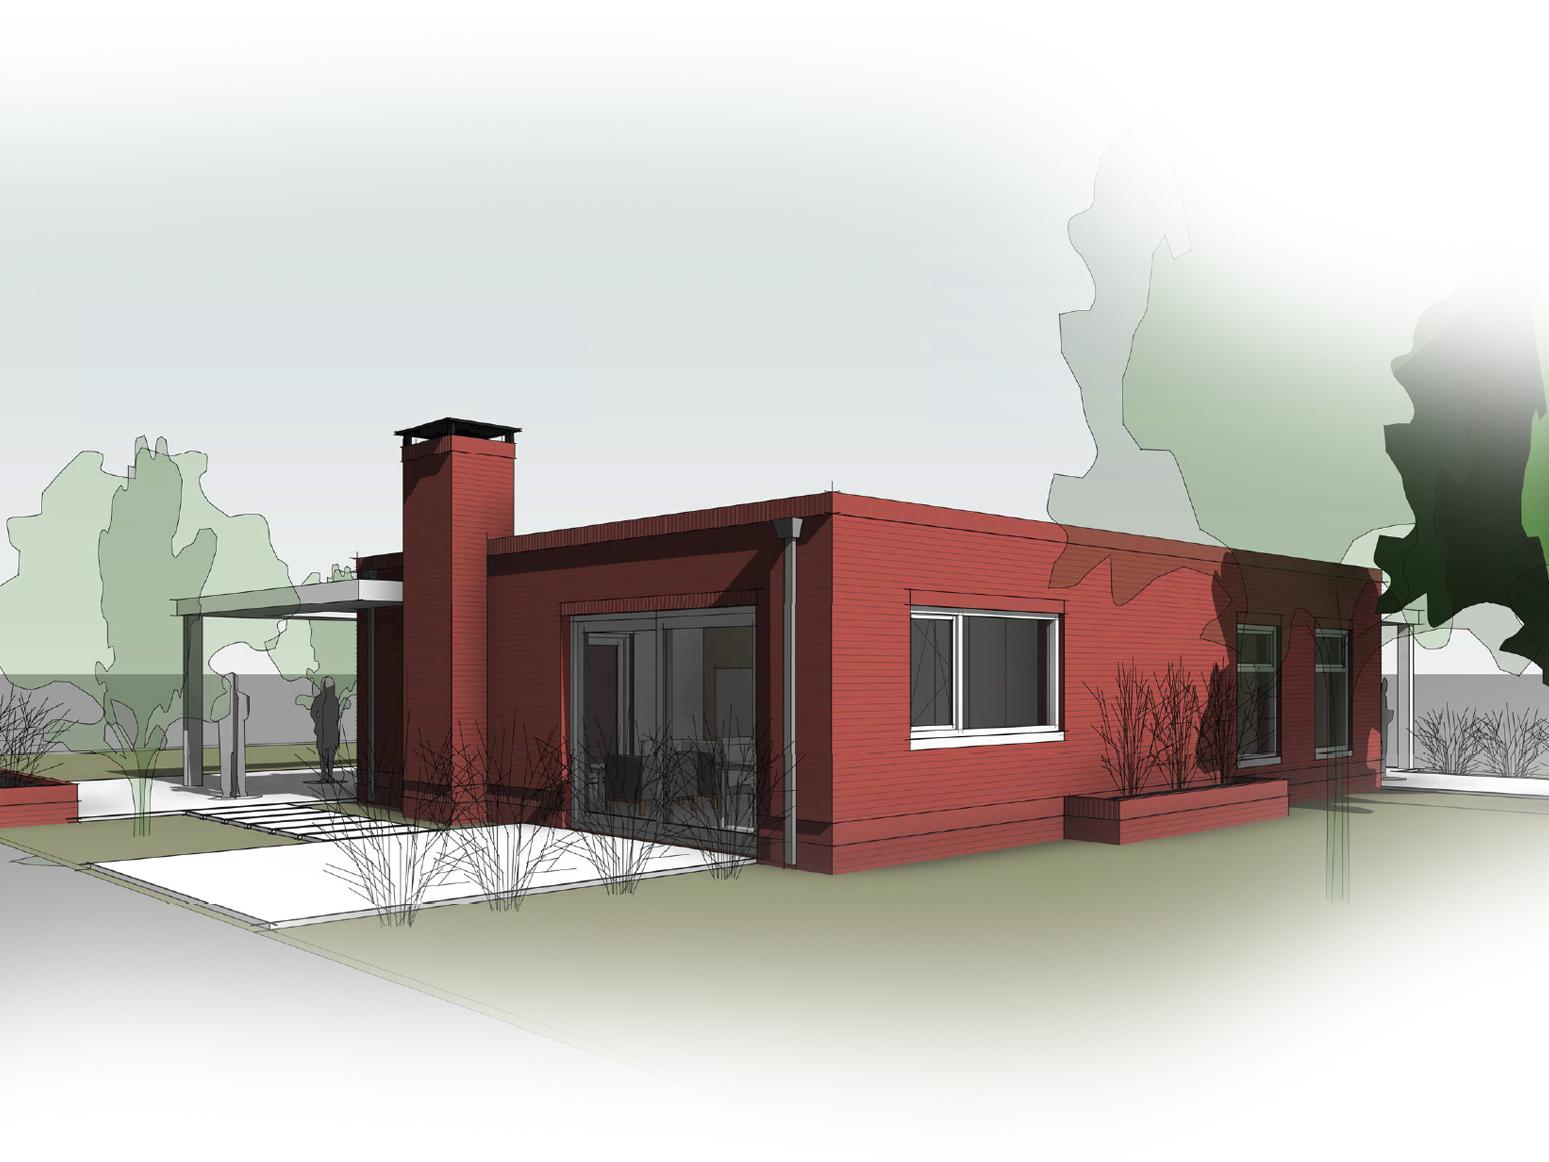 levensloopbestendigewoning-platdak-nieuw-buinen-van-oord-architectuur-en-design-wenum-wiesel-architect-voorst-architect-apeldoorn-0